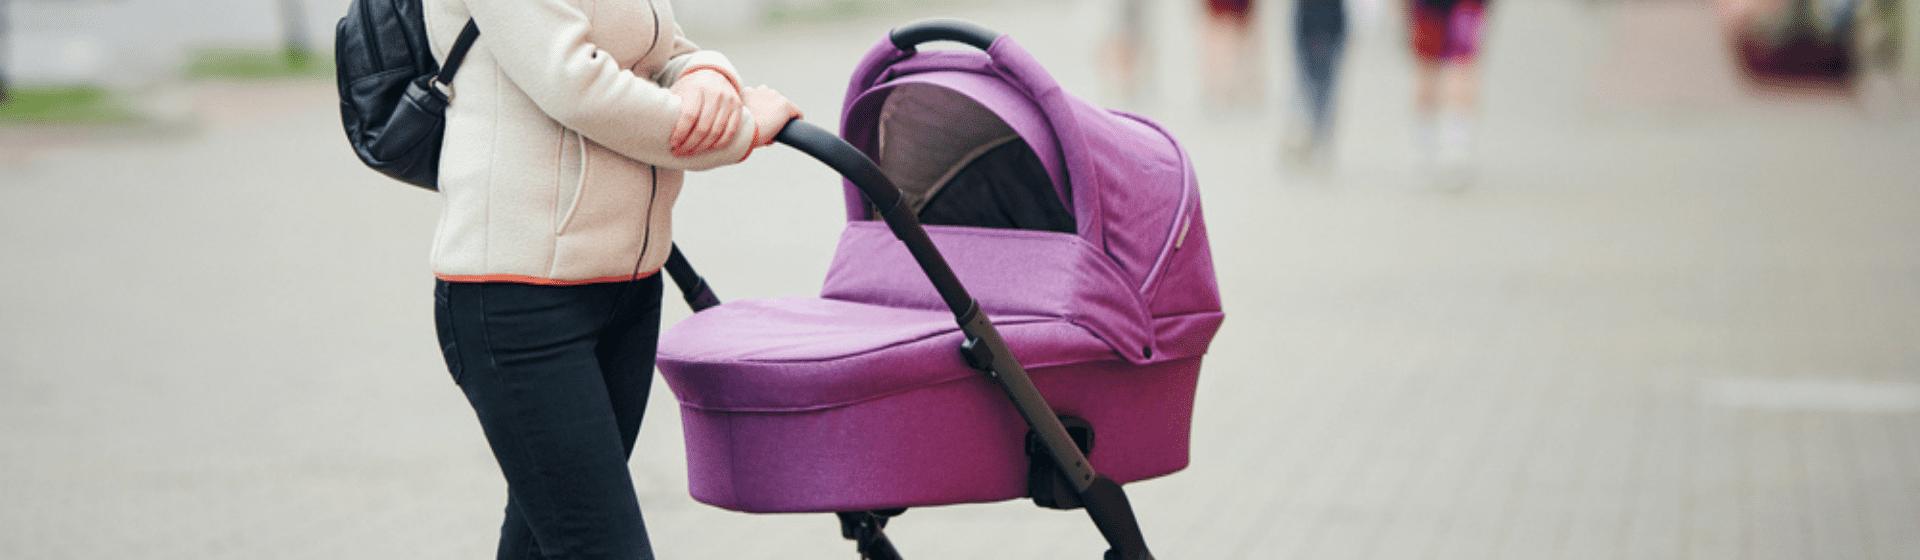 Melhores carrinhos de bebê Cosco: 5 modelos para comprar em 2021